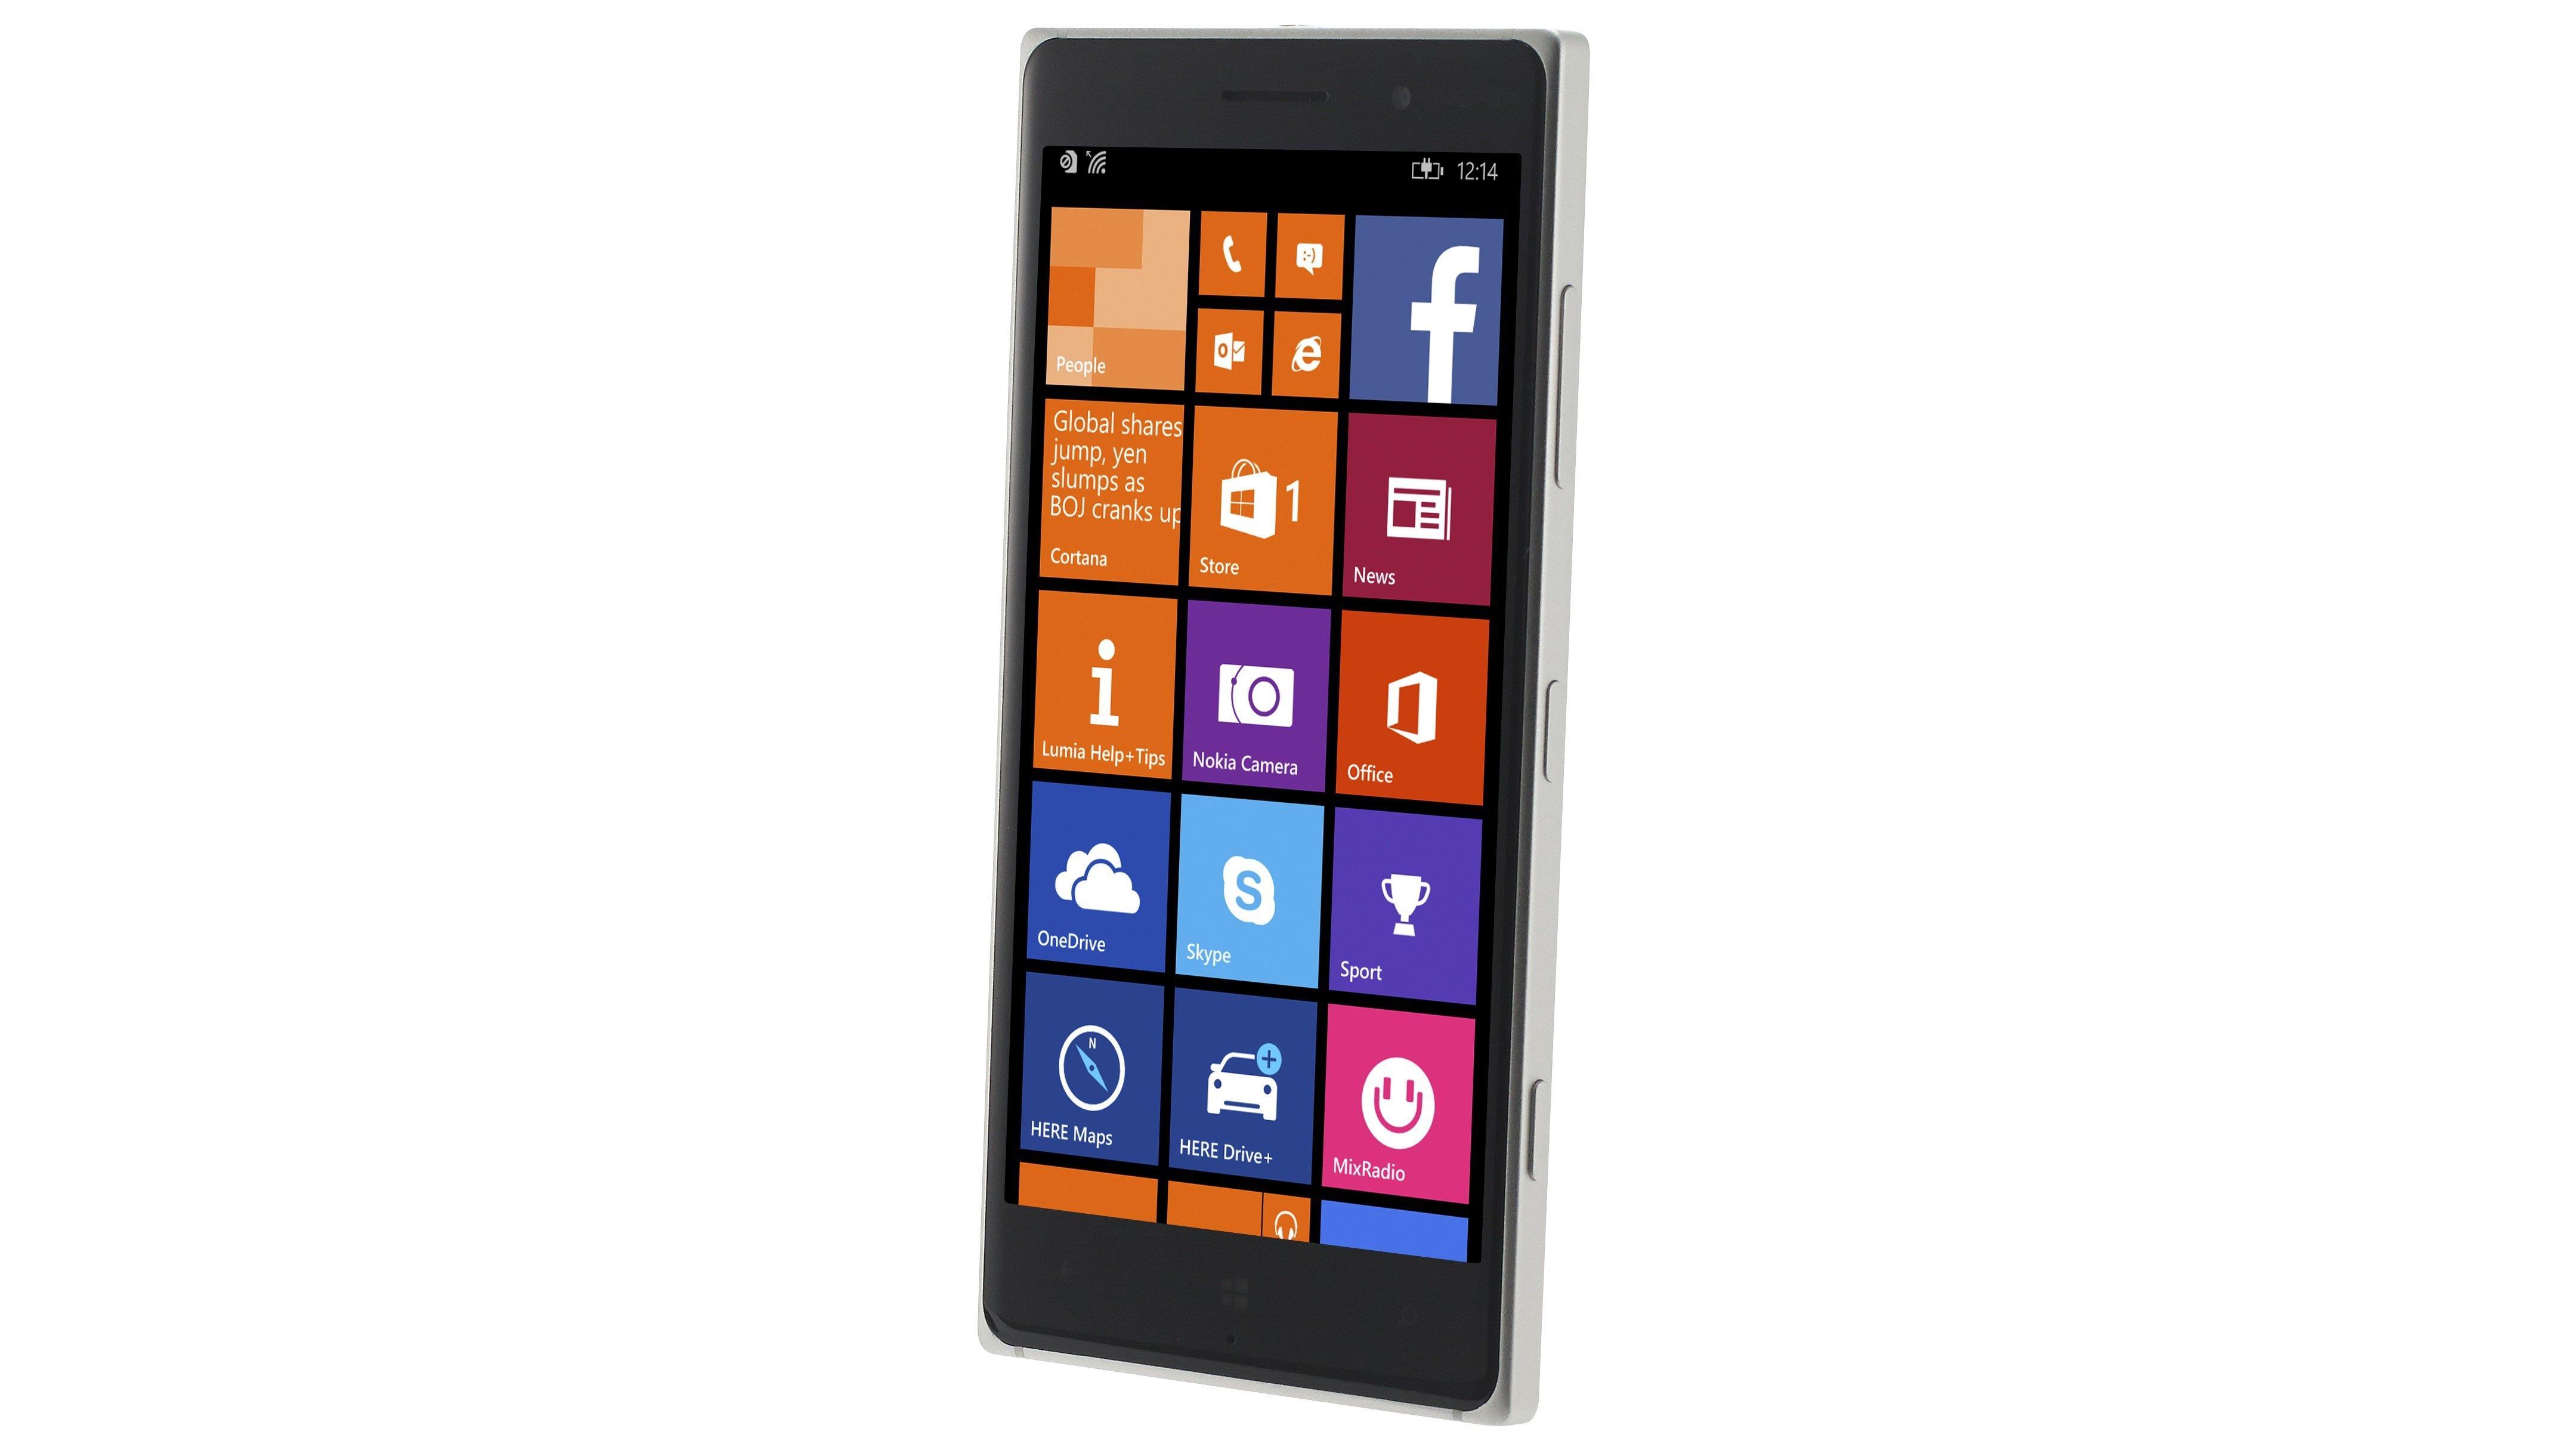 Nokia lumia 830 t mobile - Nokia Lumia 830 T Mobile 31